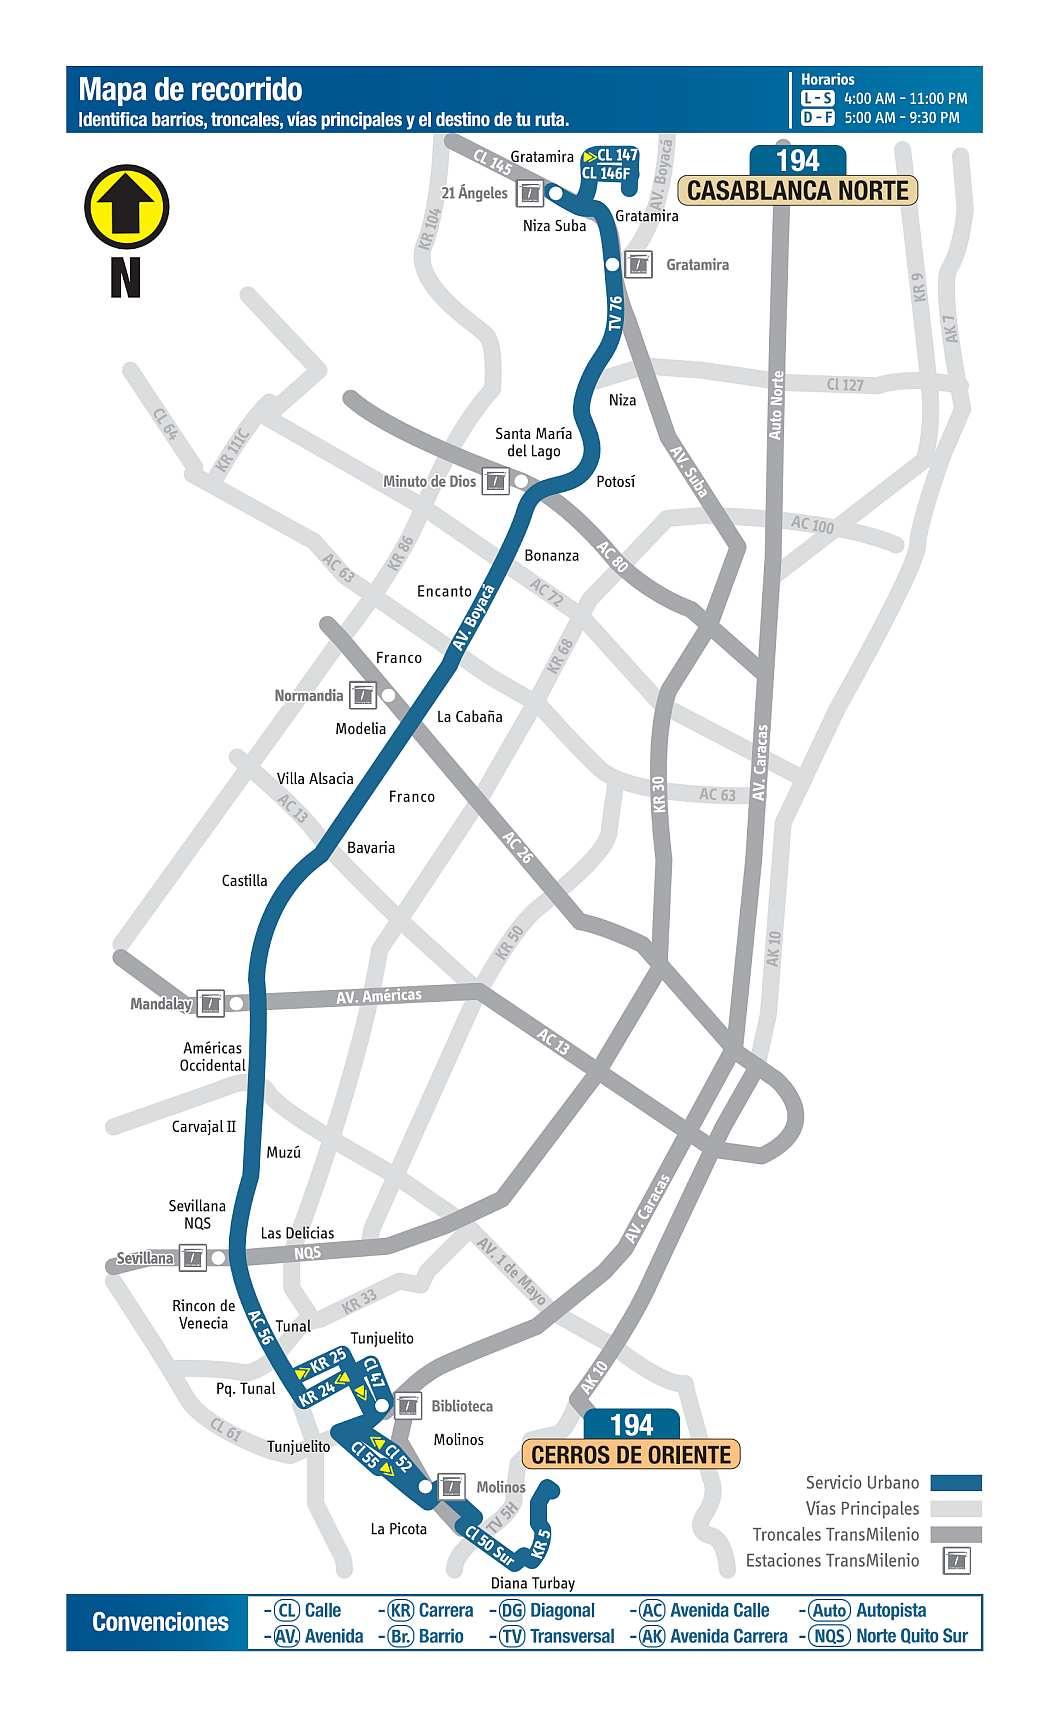 194 Casablanca Norte - Cerros de Oriente, mapa bus urbano Bogotá